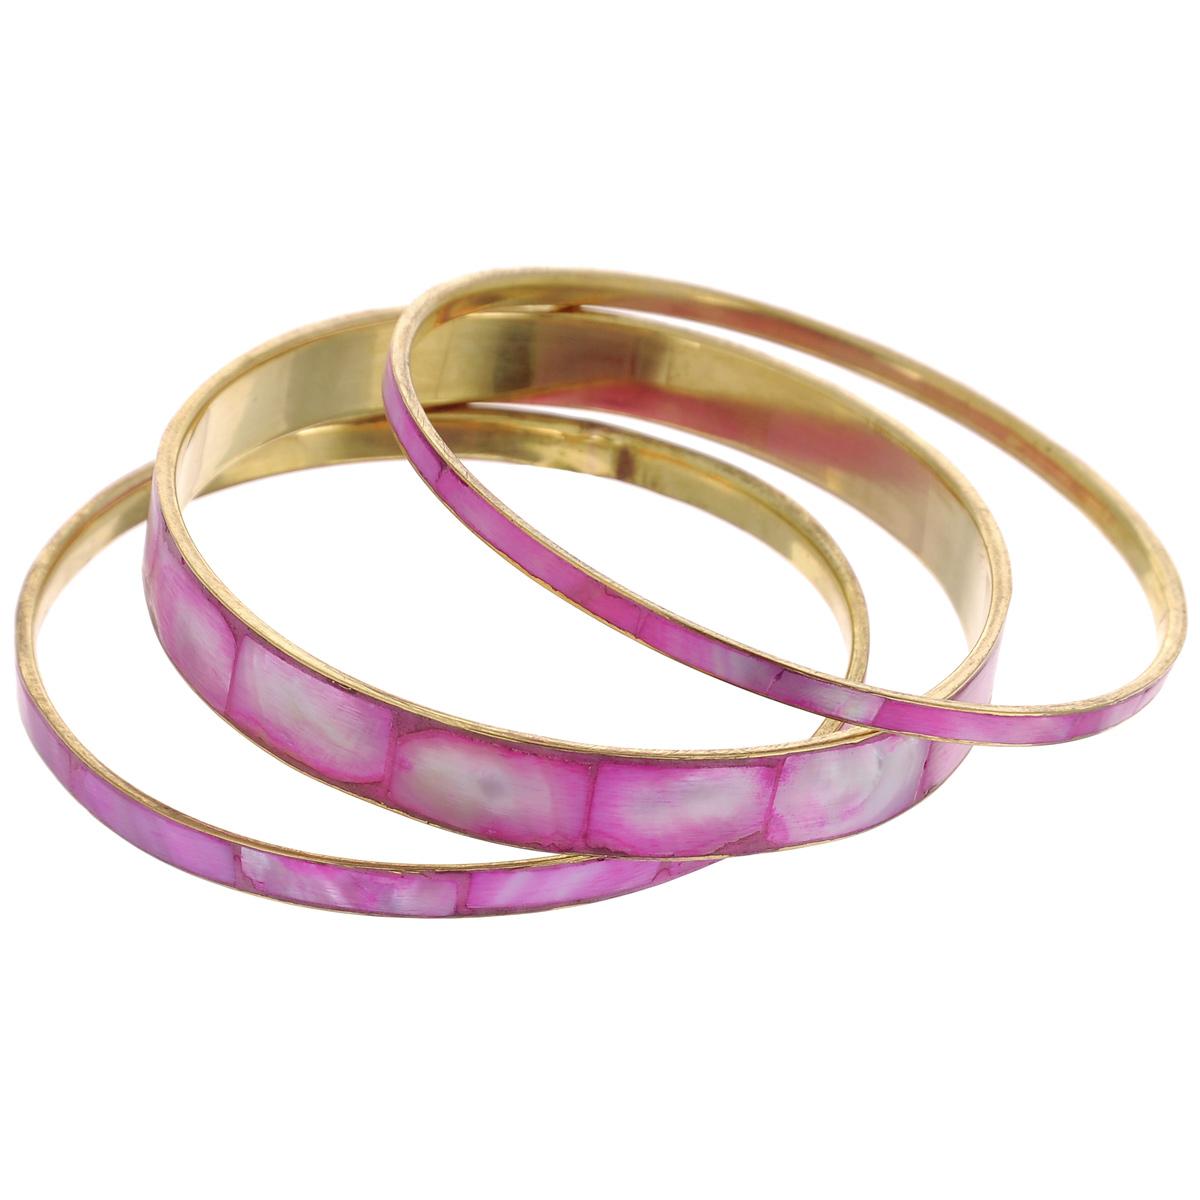 Набор браслетов Ethnica, цвет: розово-фиолетовый, 3 шт. 097040097040Роскошный набор браслетов Ethnica, выполненный из металла золотистого цвета, состоит из трех браслетов различной ширины. Браслеты оформлены прямоугольными вставками из ракушек. Прочный каркас защищает изделие от повреждений. Стильный набор браслетов эффектно дополнит любой образ, подчеркнет вашу индивидуальность и позволит всегда выглядеть неотразимо.